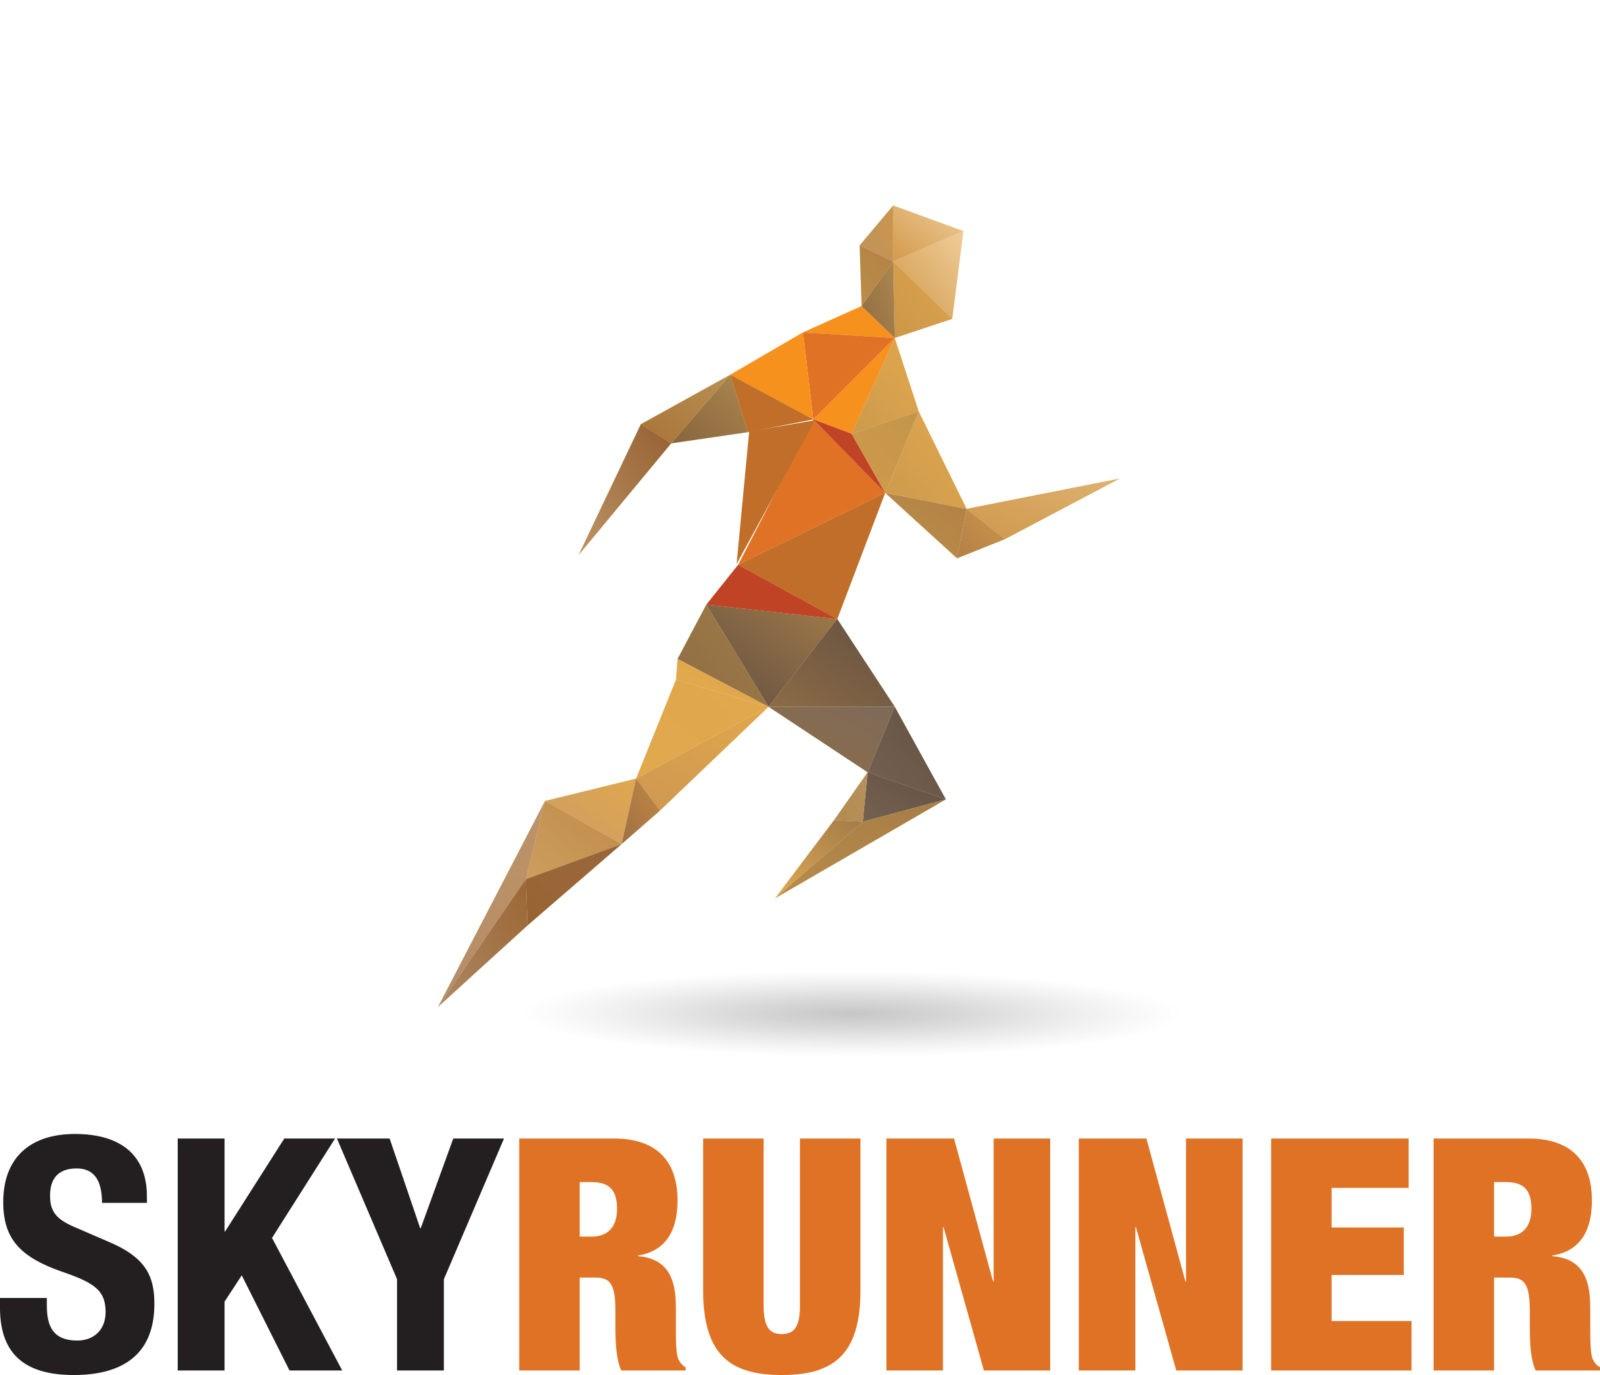 Skyrunner, votre nouvel espace dédié aux disciplines nature